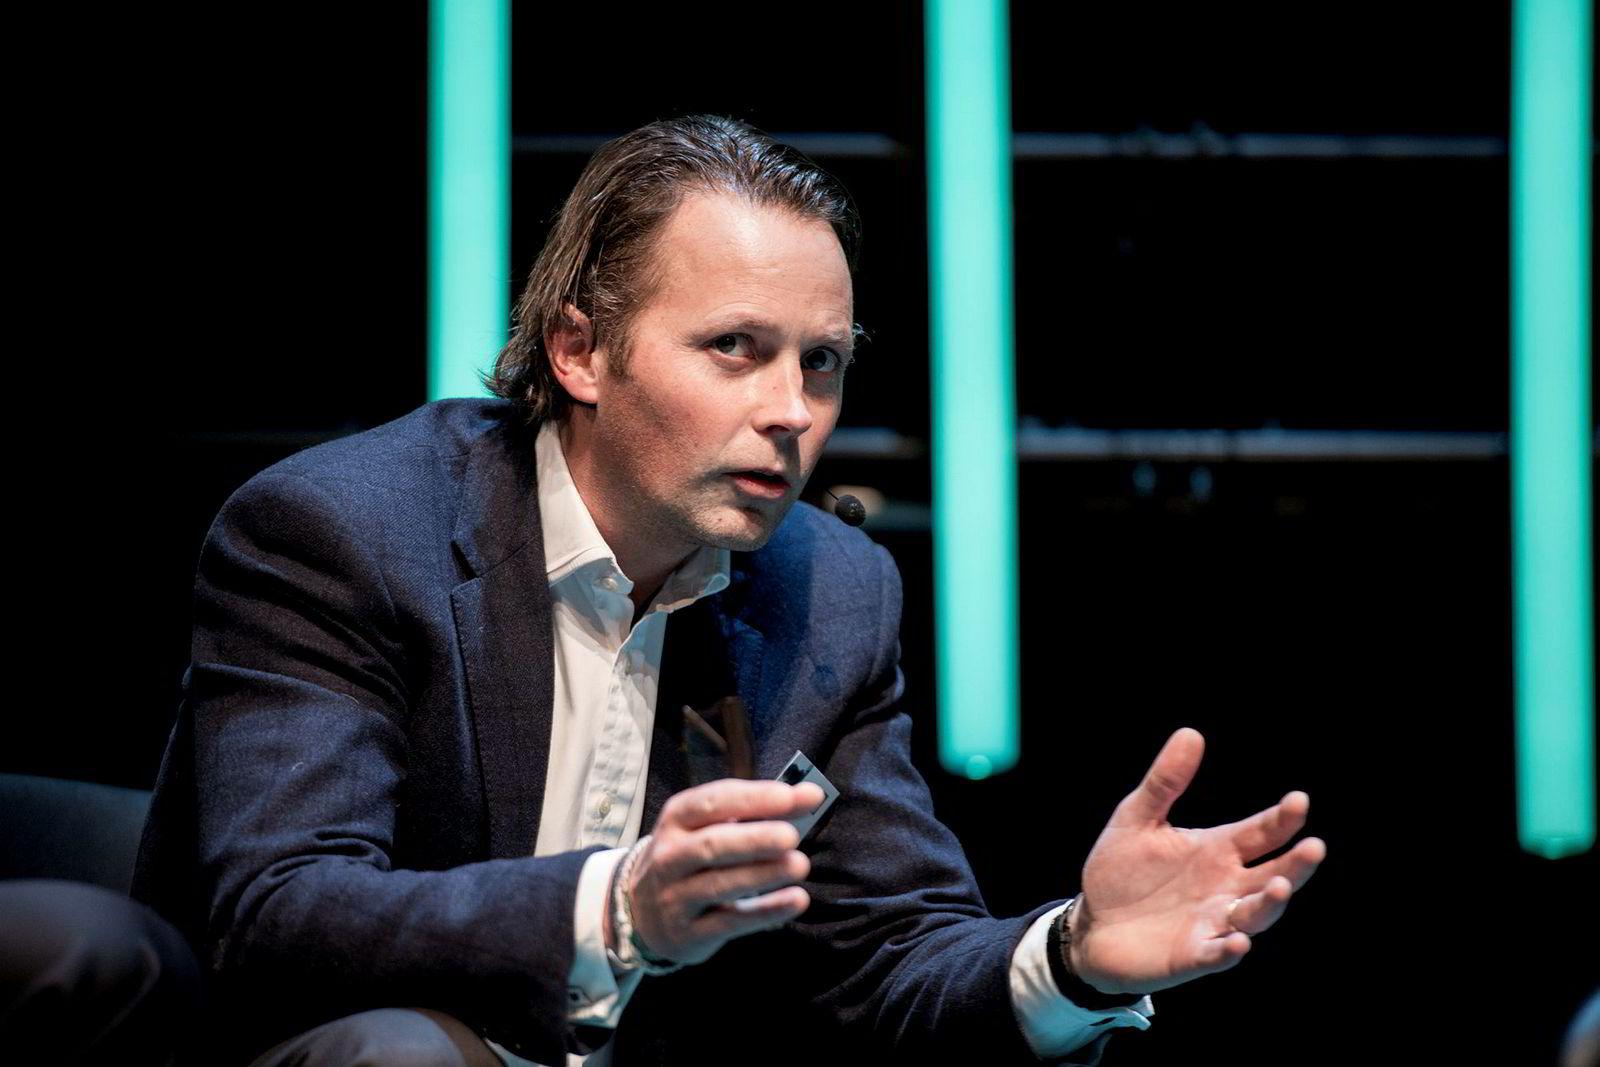 – Blir det gjort riktig, vil autonome skip øke sikkerheten, sier konsernsjef Thomas Wilhelmsen i Wilh. Wilhelmsen.